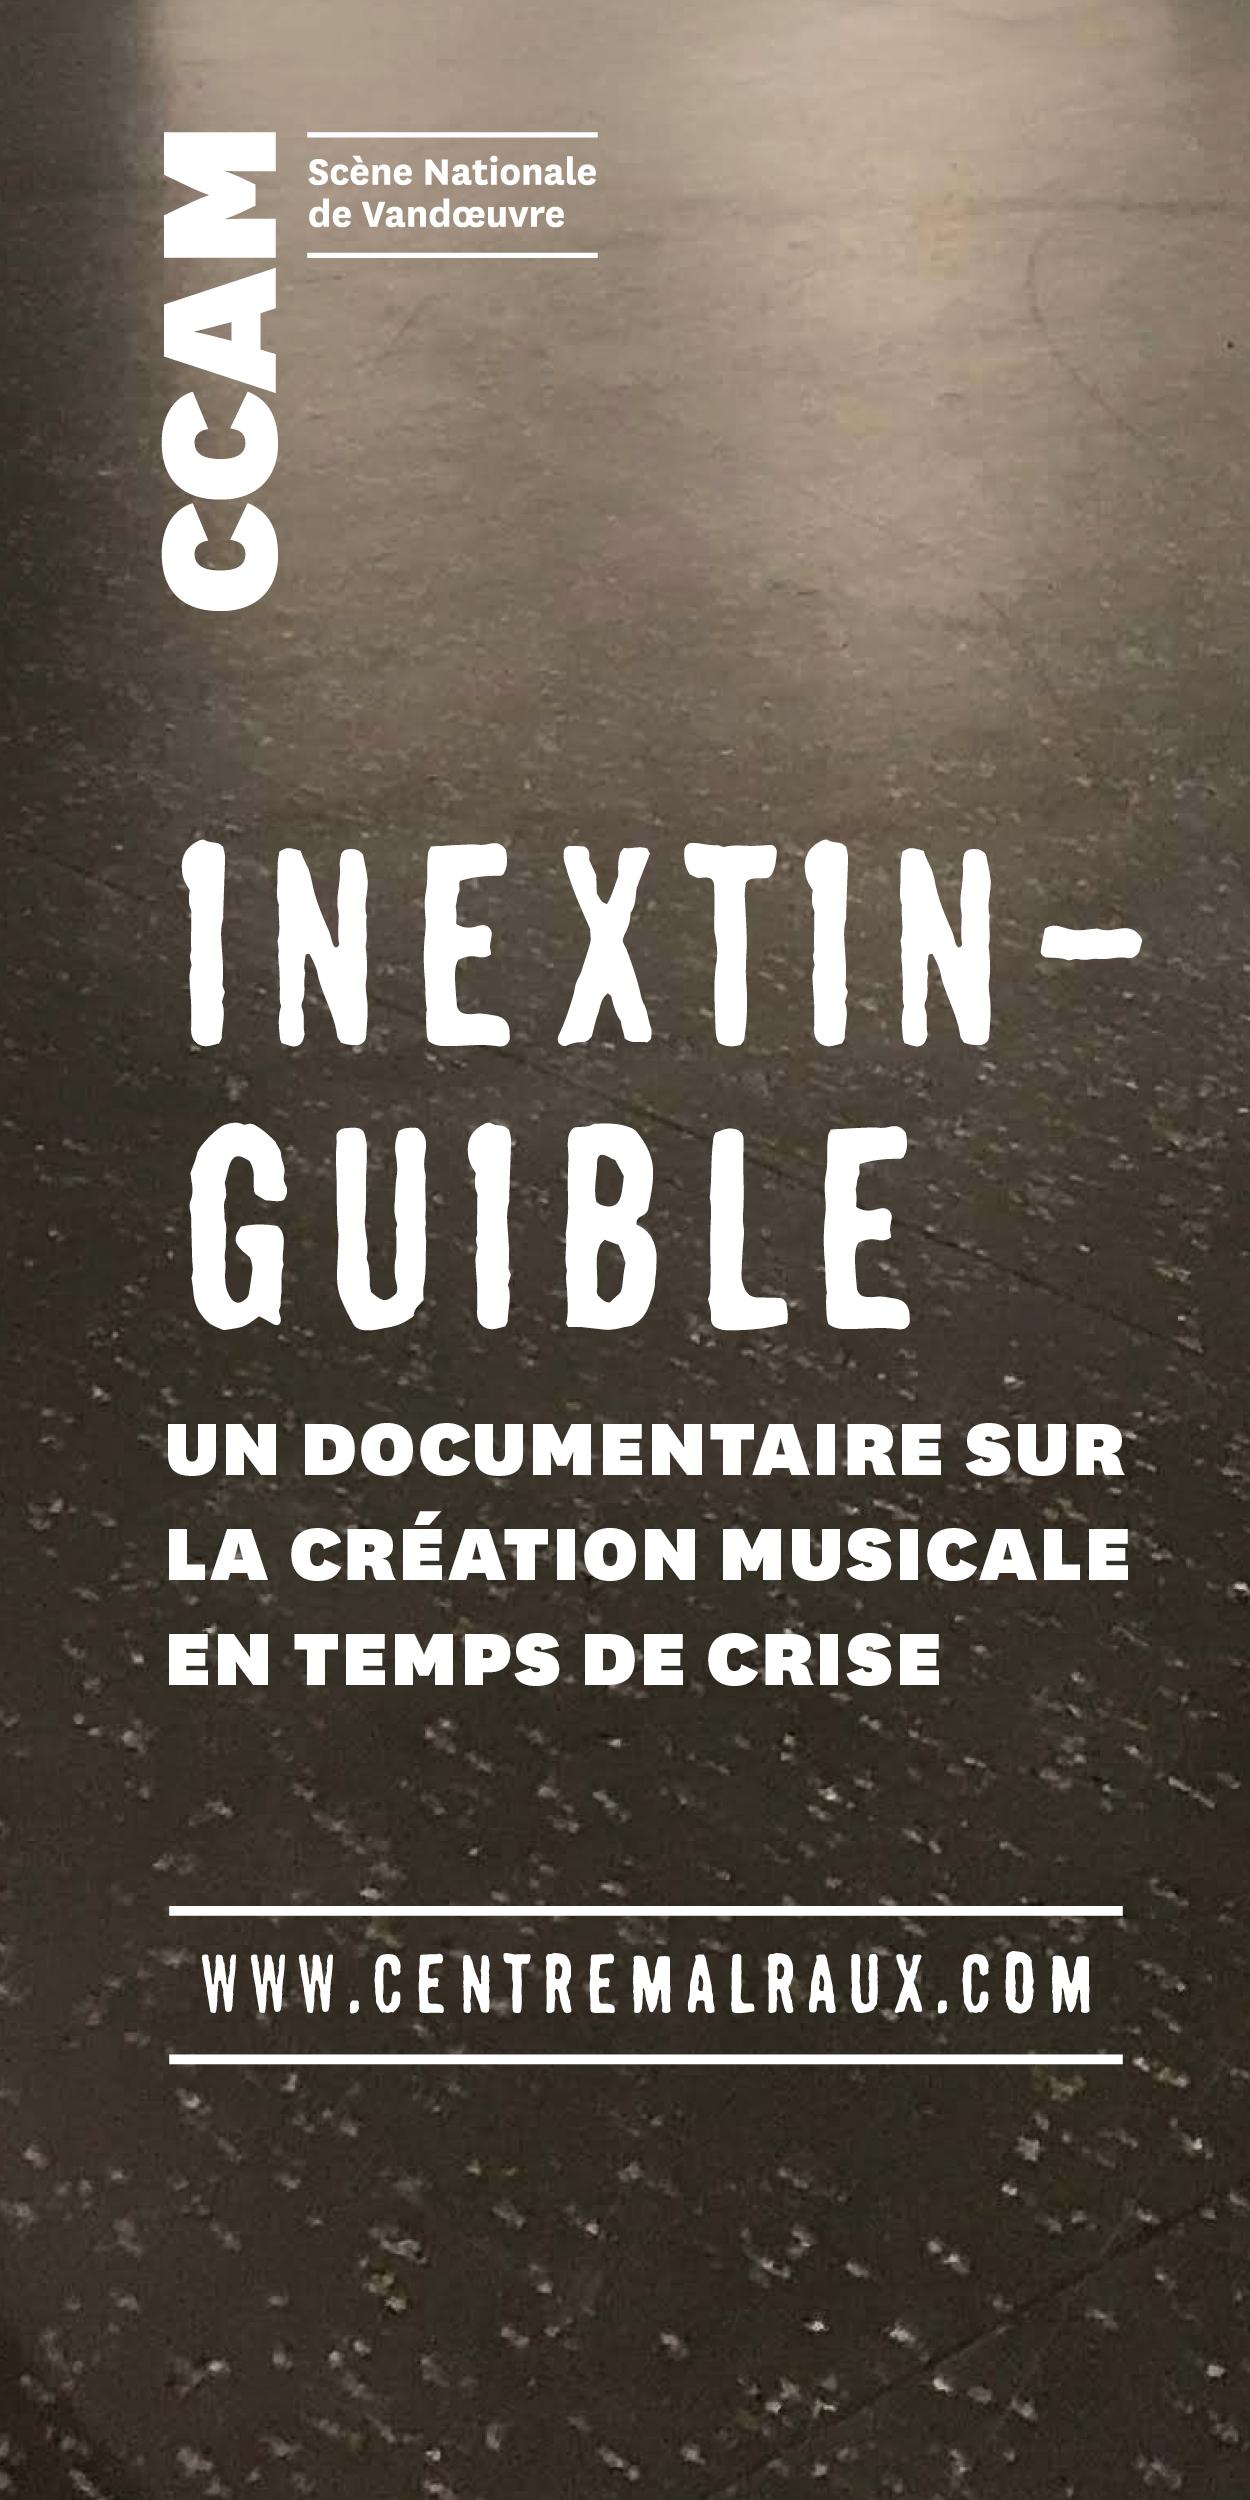 CCAM -Inextinguible : un documentaire sur la création musicale en temps de crise